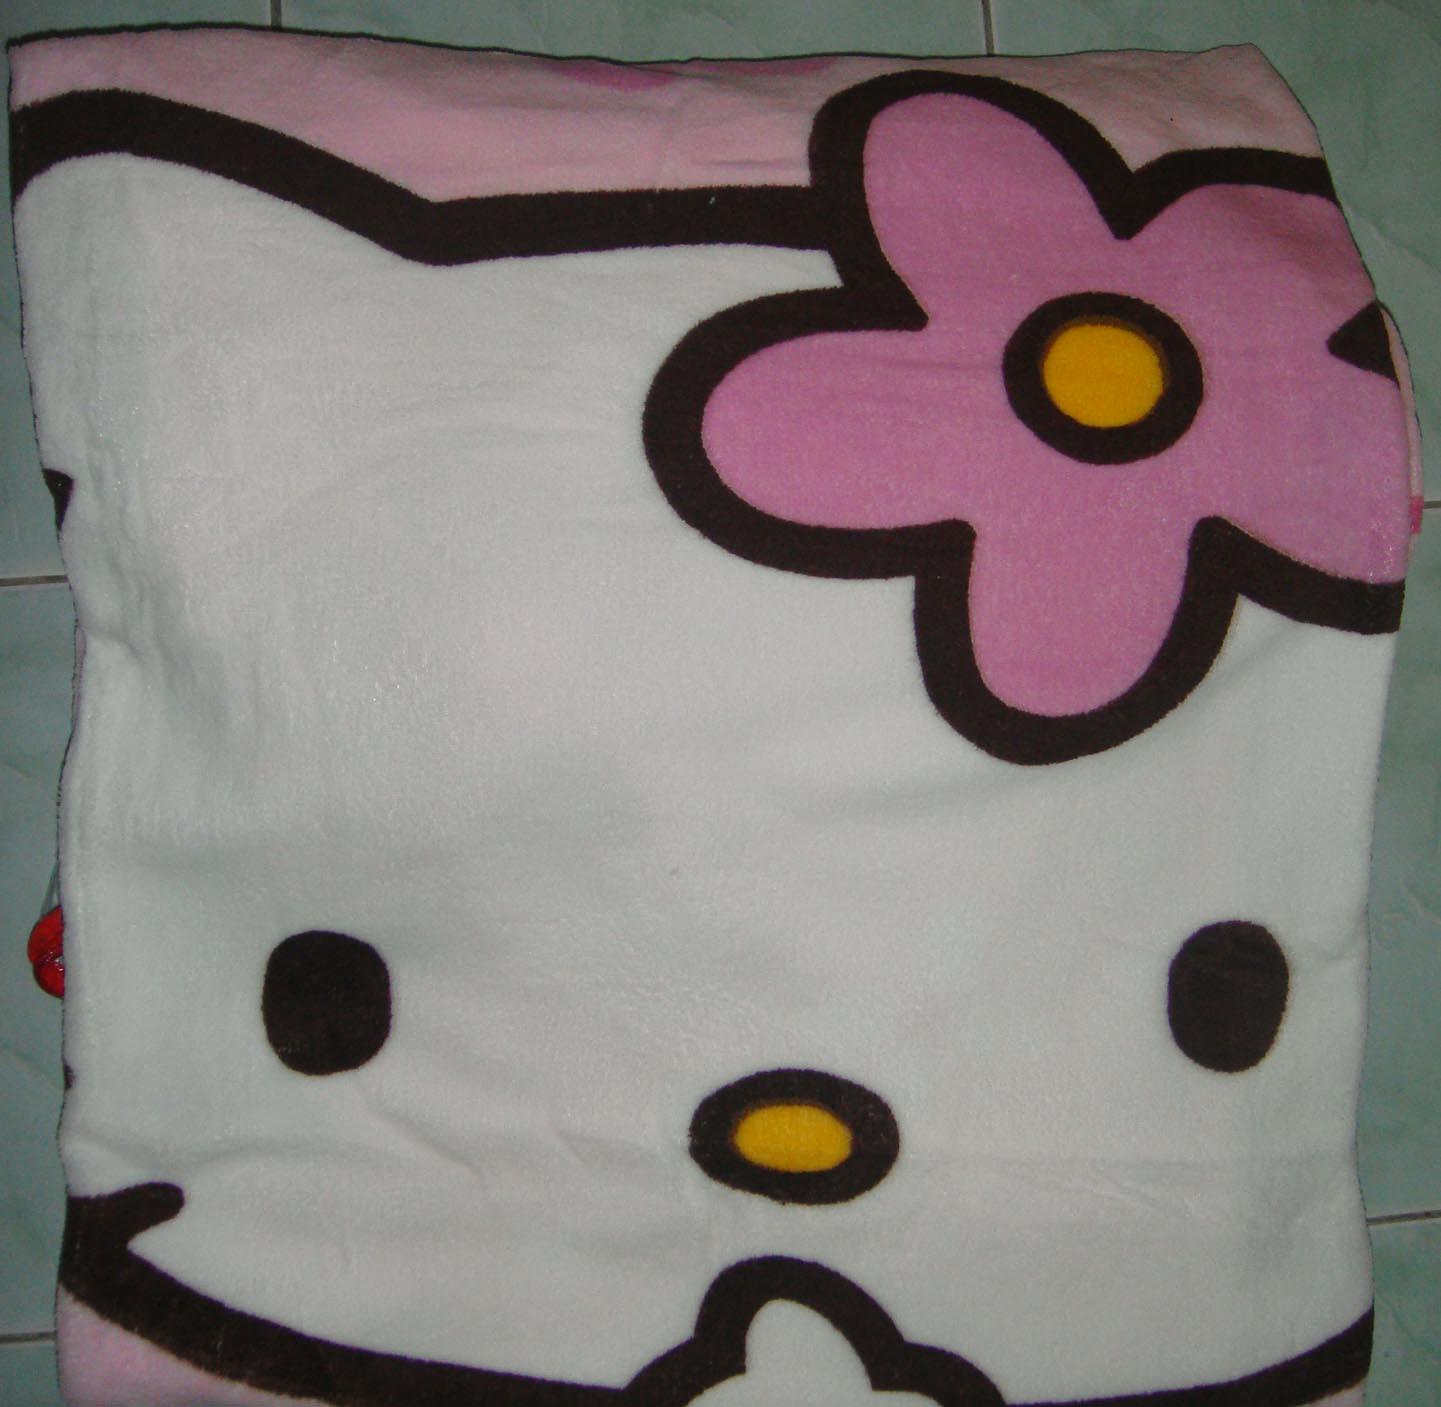 ผ้าห่มนาโนคิตตี้ 5 ฟุต